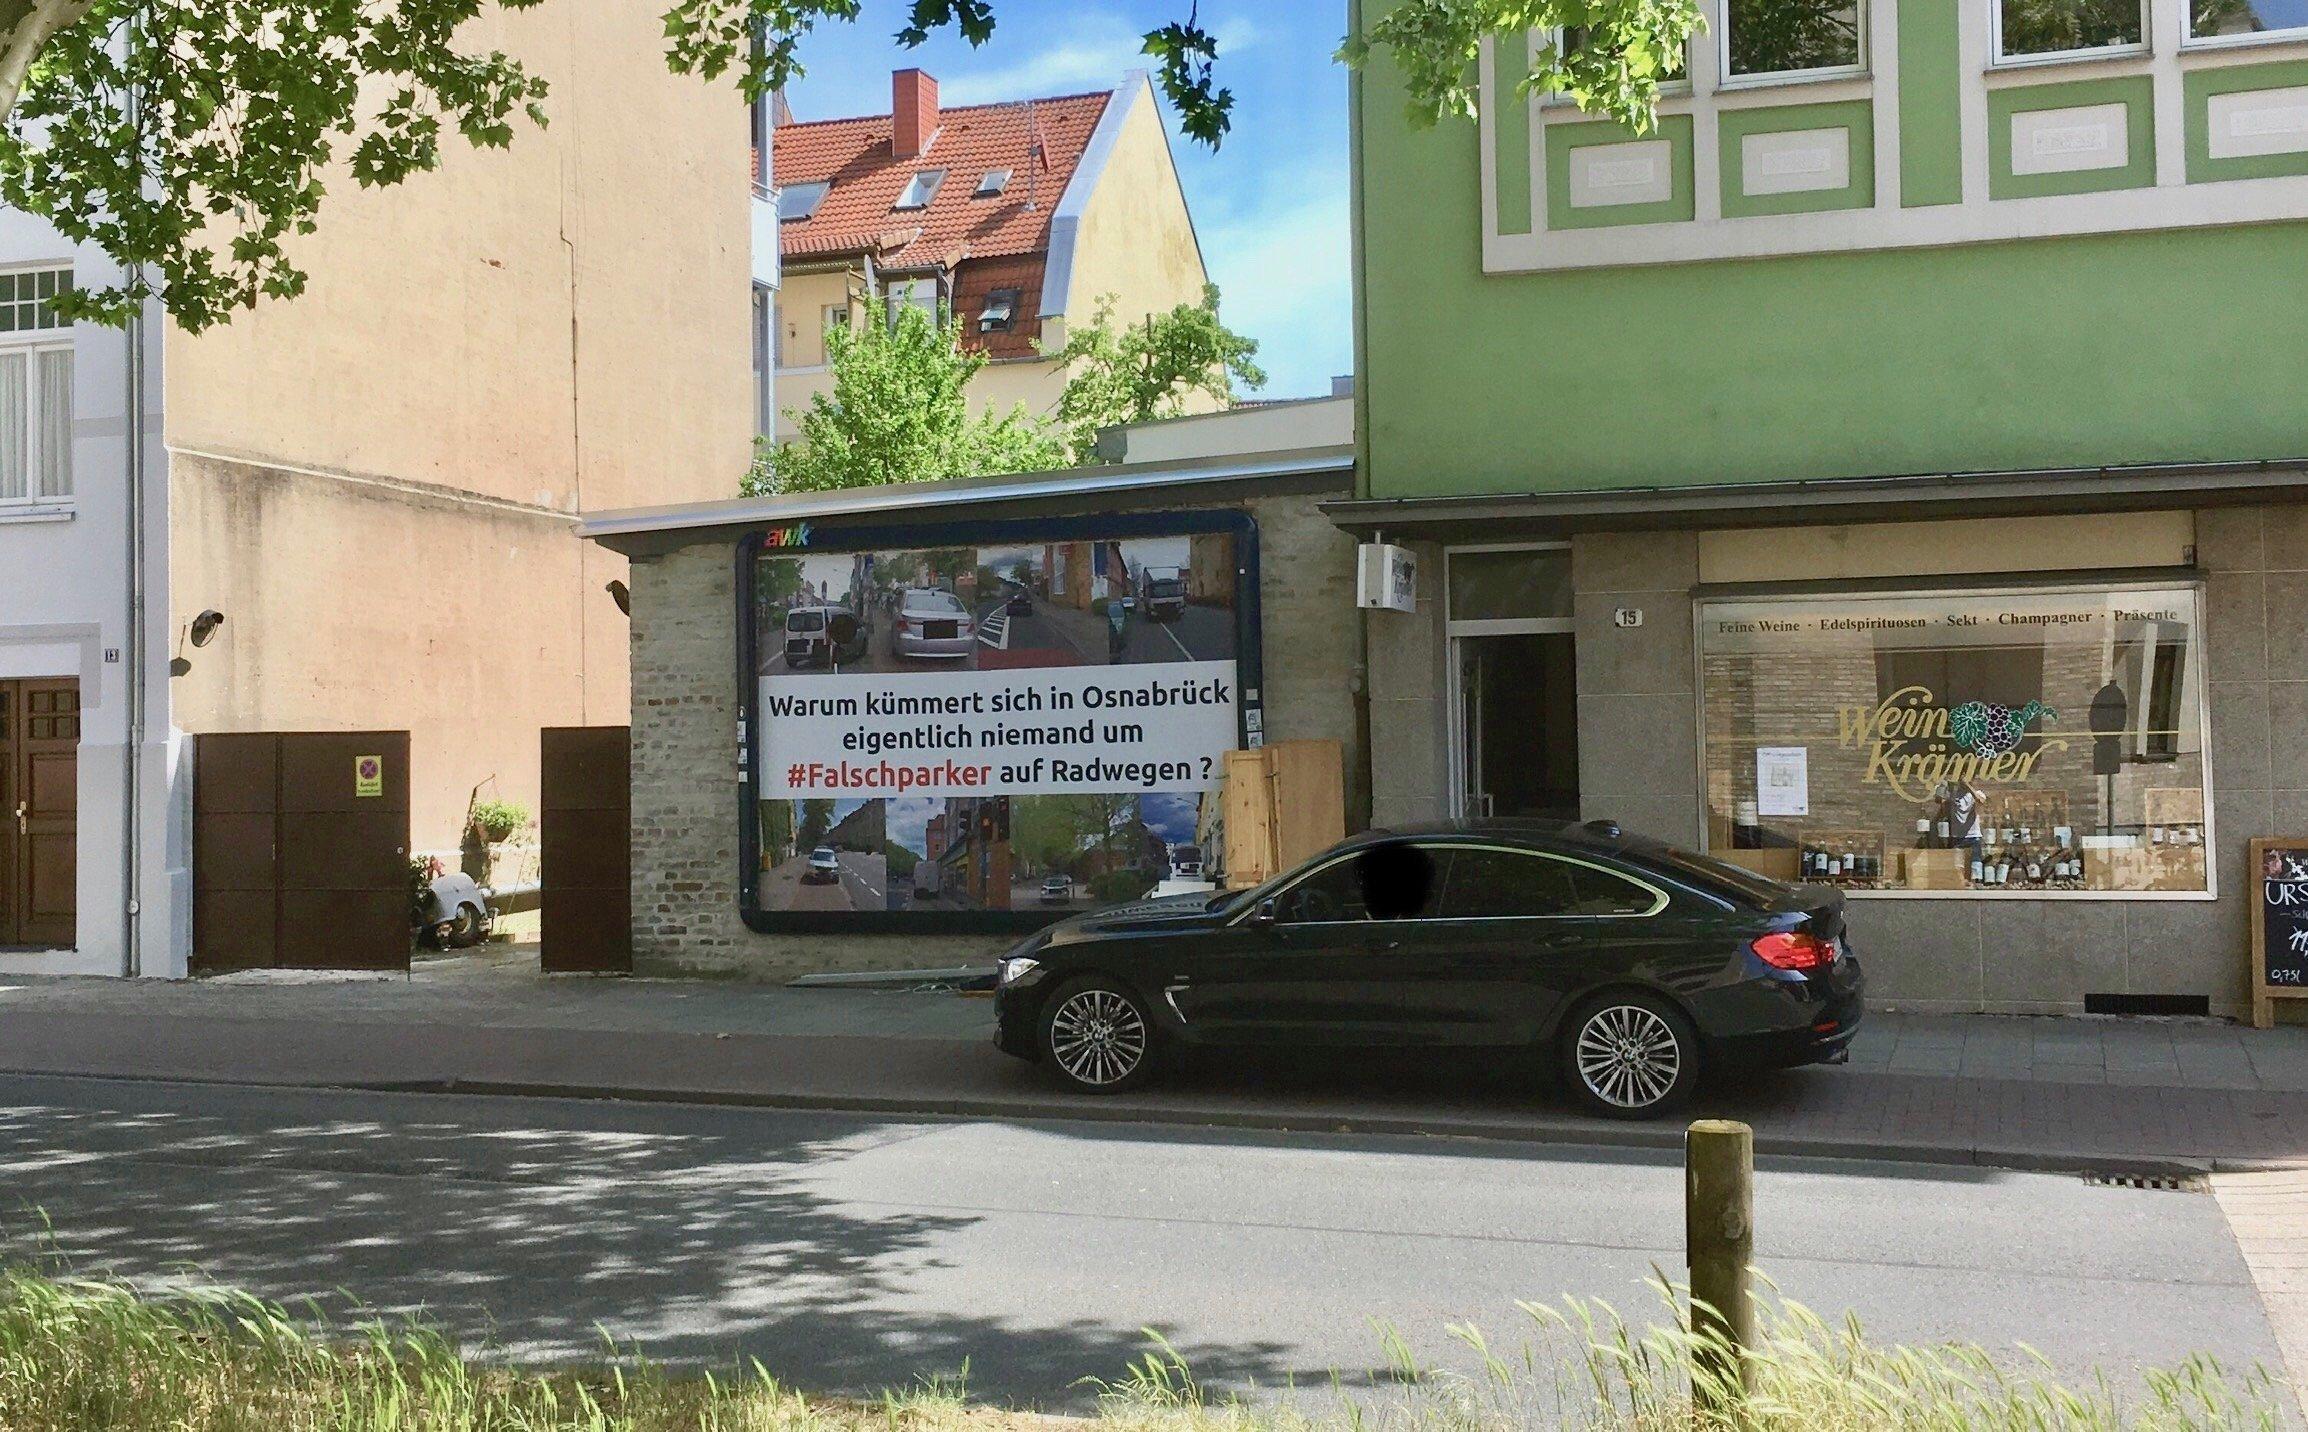 Eine dunkle Limousine steht vor dem Falschparker-Werbeplakat auf dem Radweg.